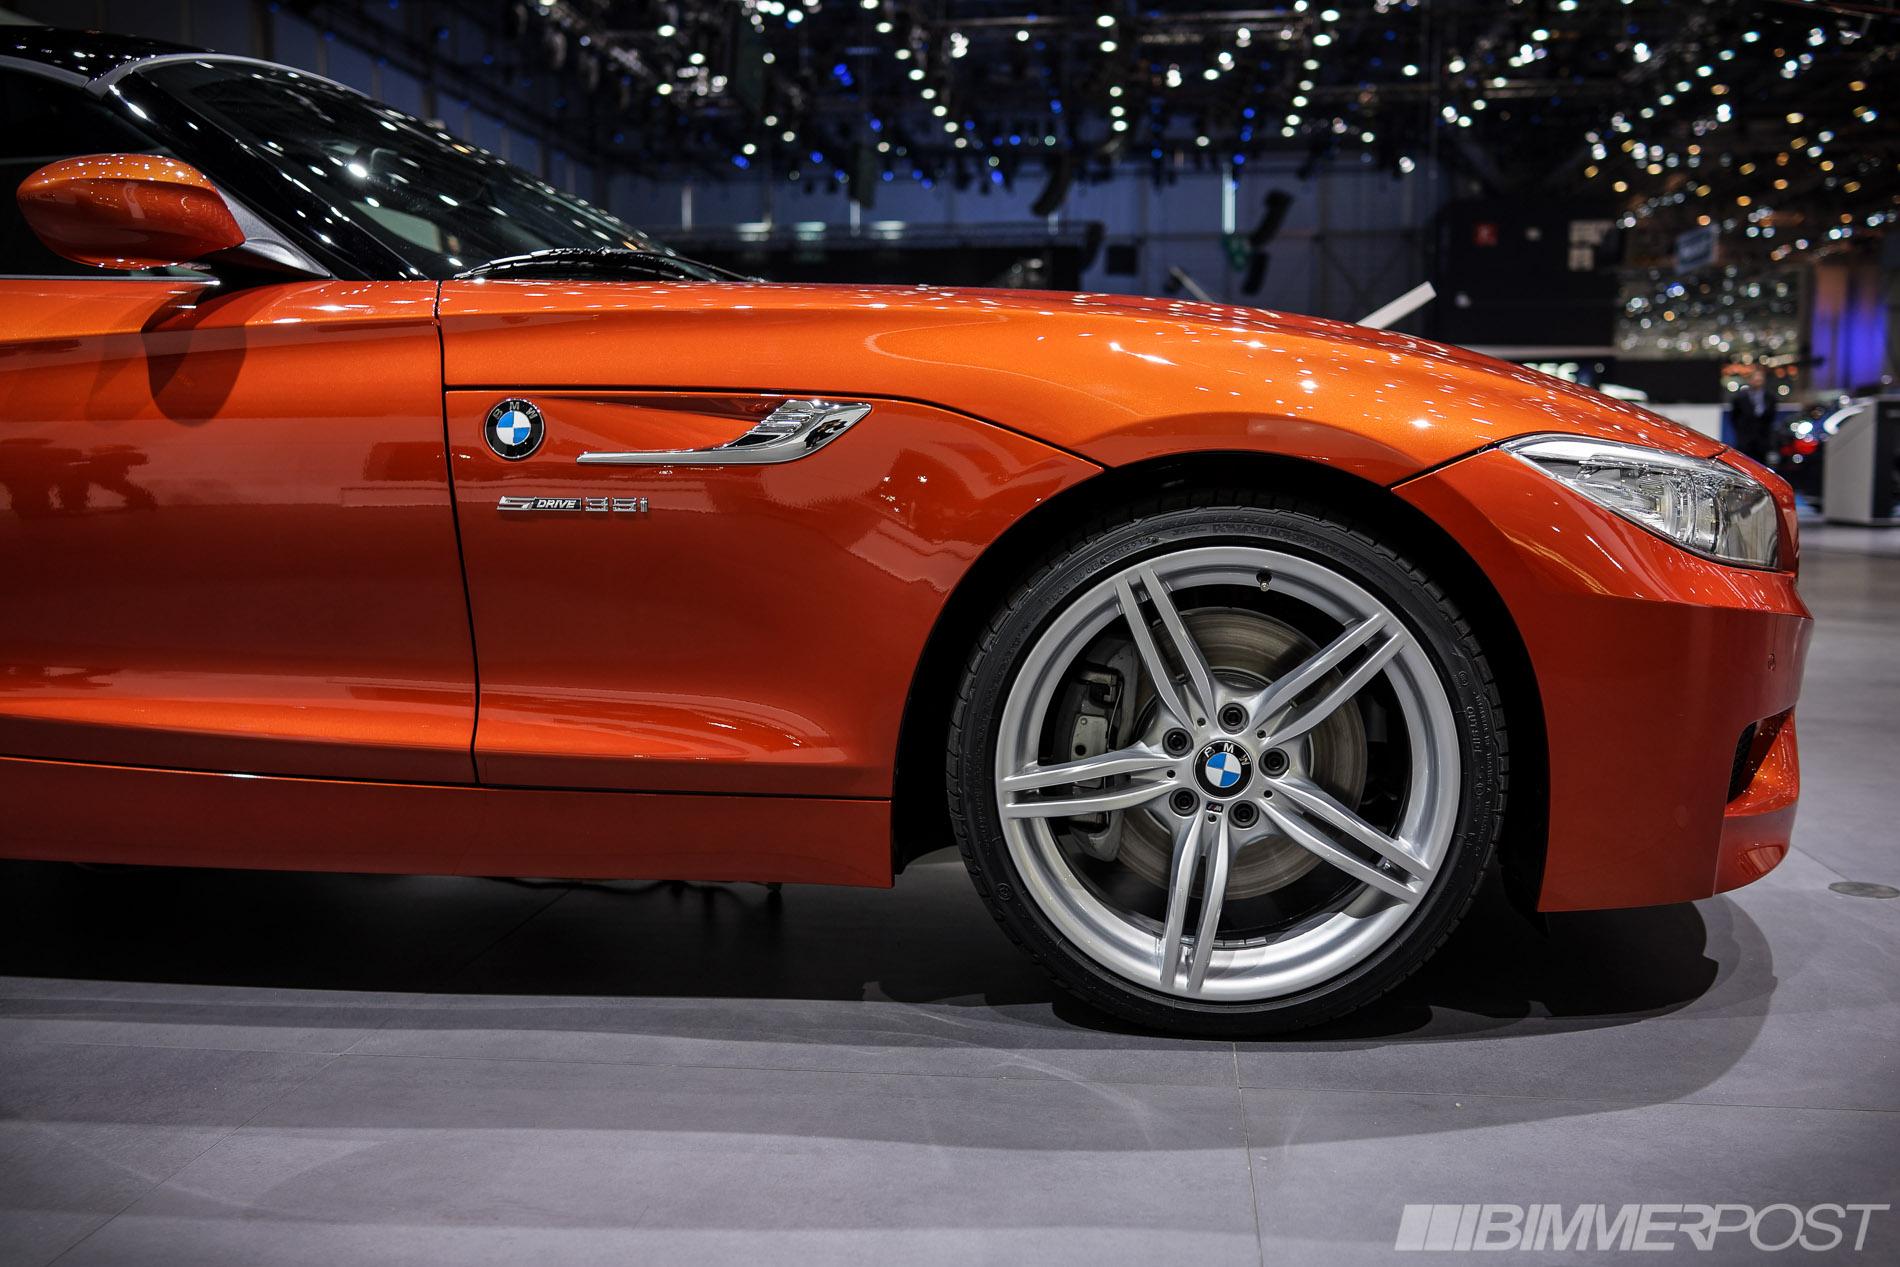 Geneva 2013 Bmw Z4 Lci In Valencia Orange And Hyper Orange Package Page 2